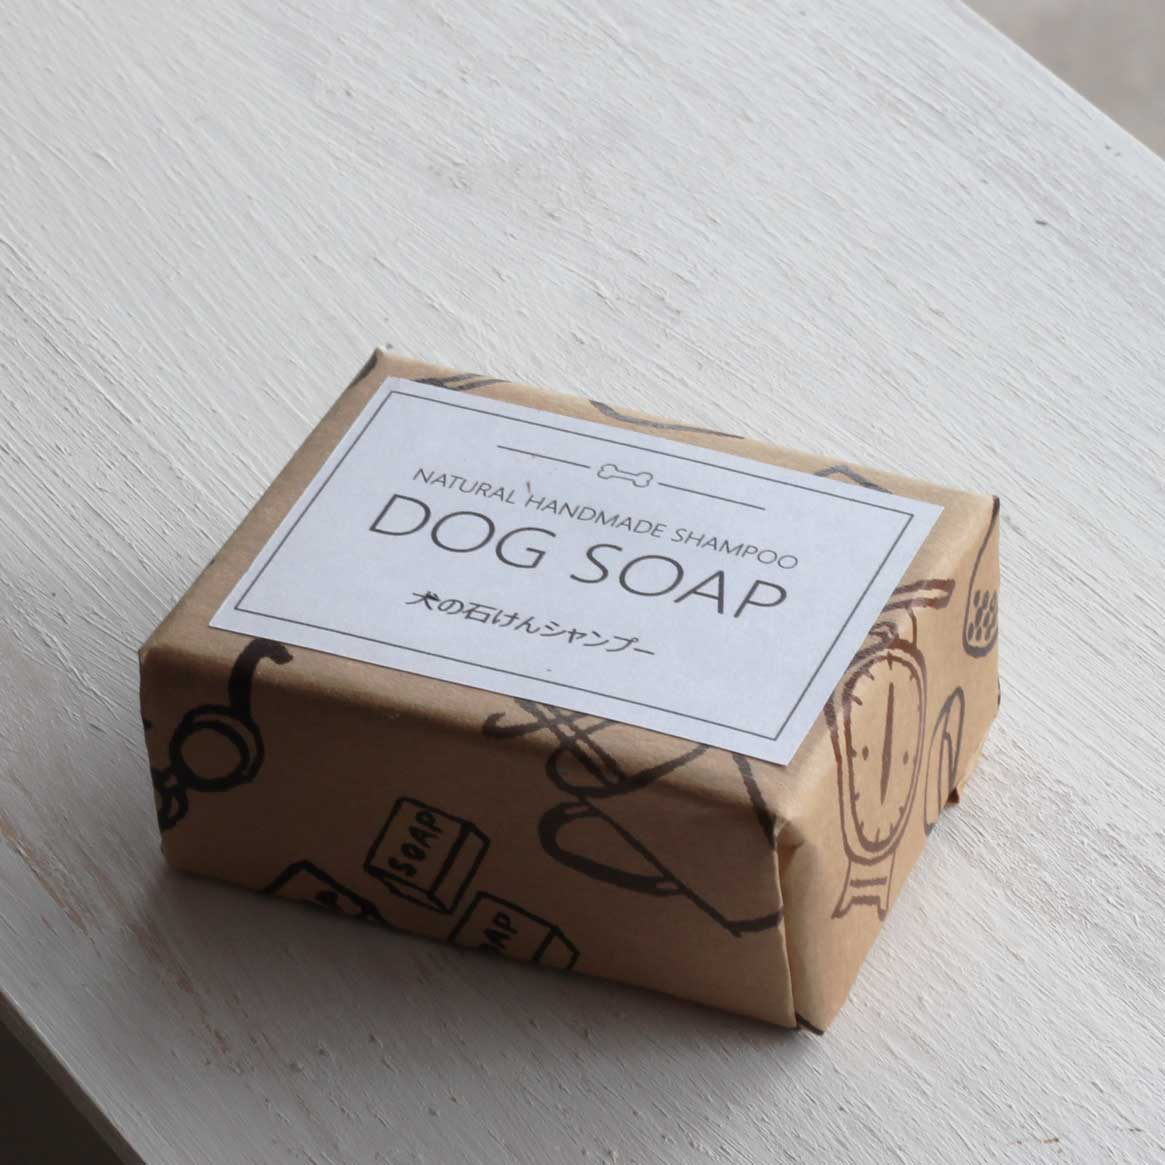 ワンちゃんこそ石けんで洗ってほしい。「犬の石けん処方士」の処方により製造した石けんです。 犬用石けん DOG SOAP/ワンちゃんのシャンプーにはコールドプロセス石けんを。メール便配送